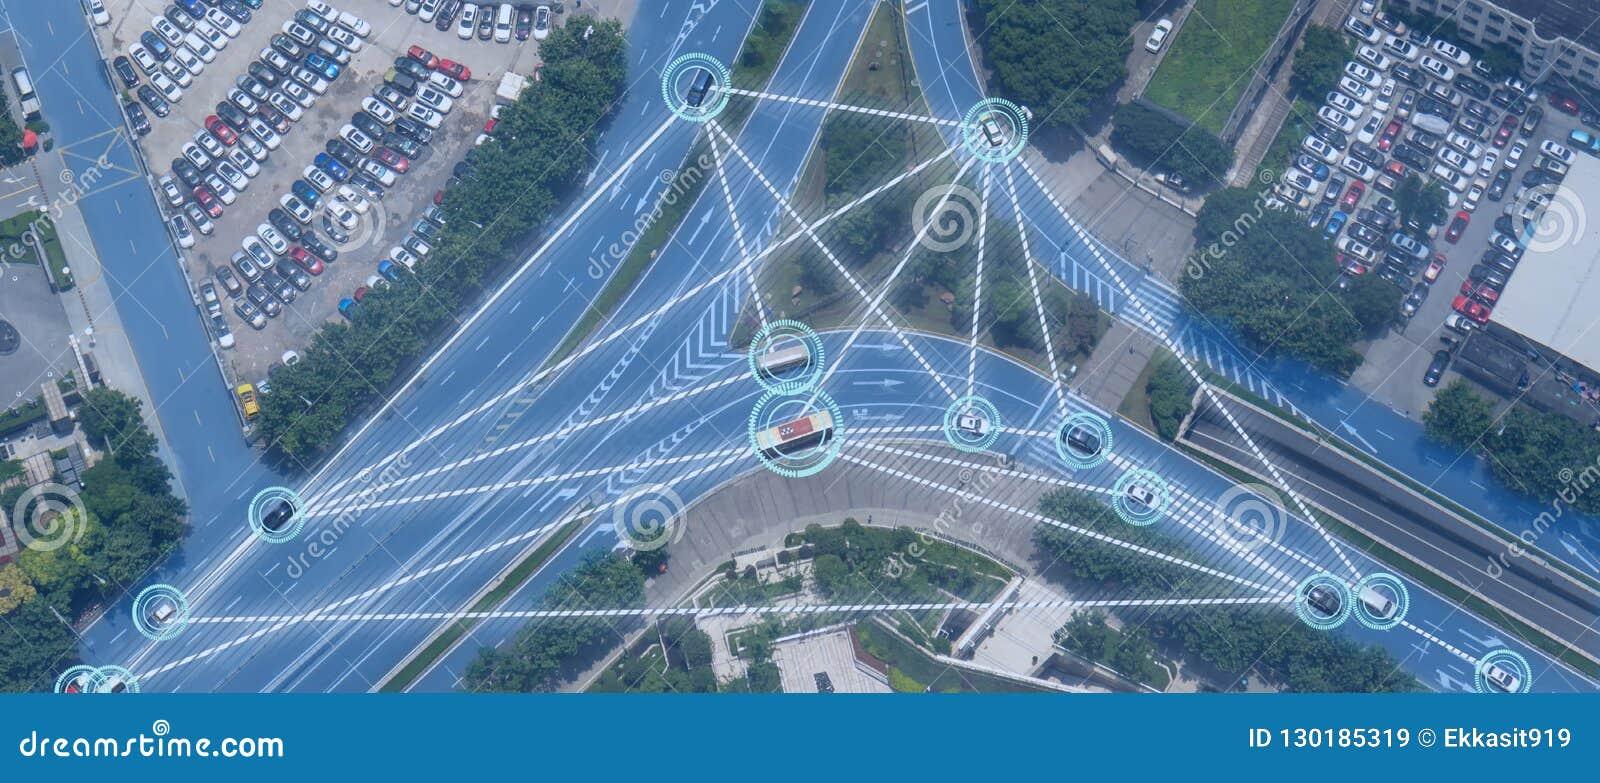 Carro Driverless automotivo esperto de Iot com a liga da inteligência artificial com tecnologia de aprendizagem profunda o auto q